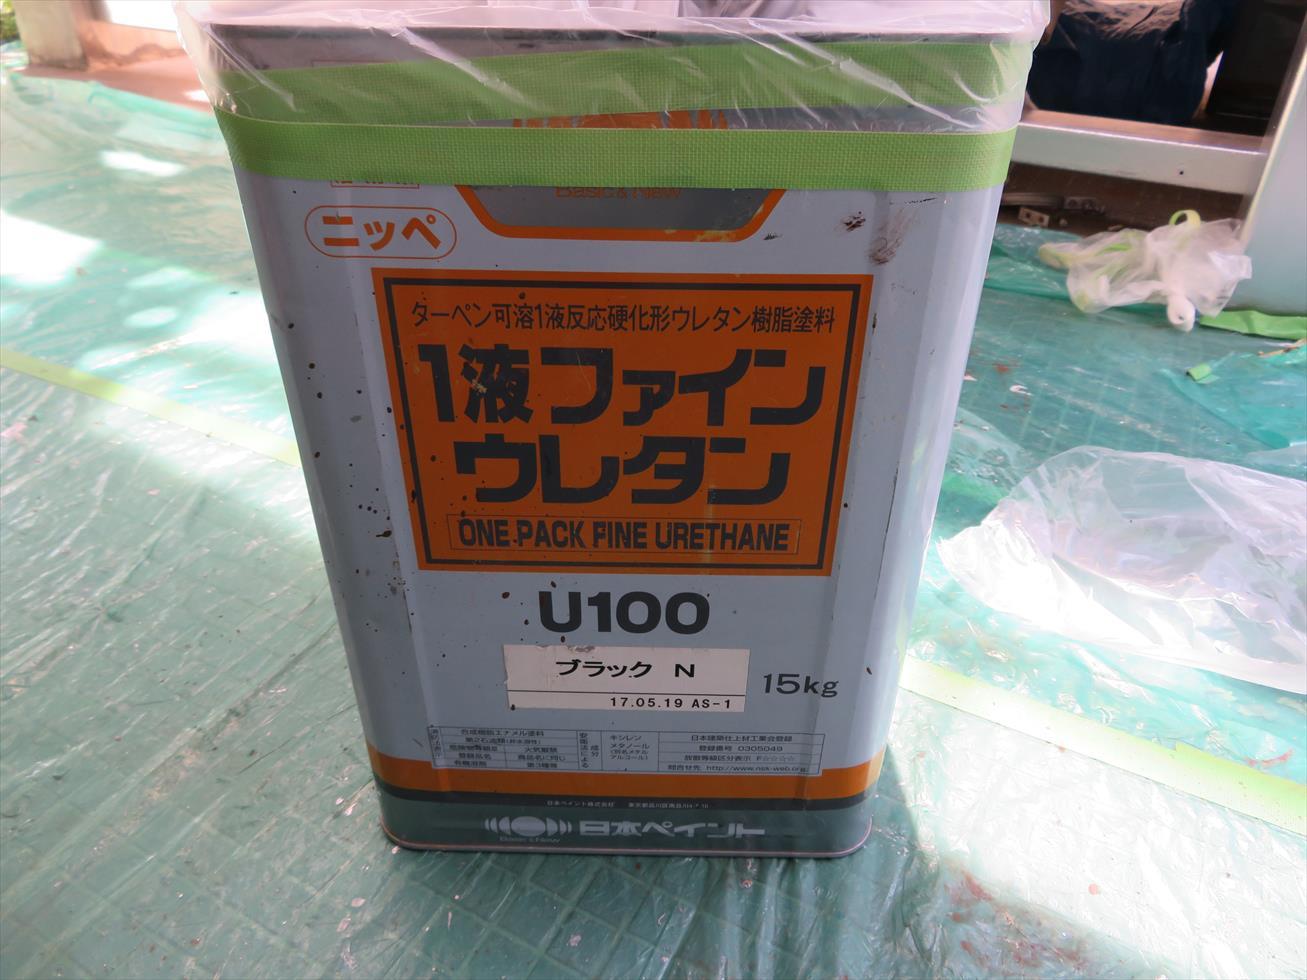 宝塚市マンション大規模修繕に伴う鉄部塗装には日本ペイント1液ファインウレタンU100を仕上げ材として採用